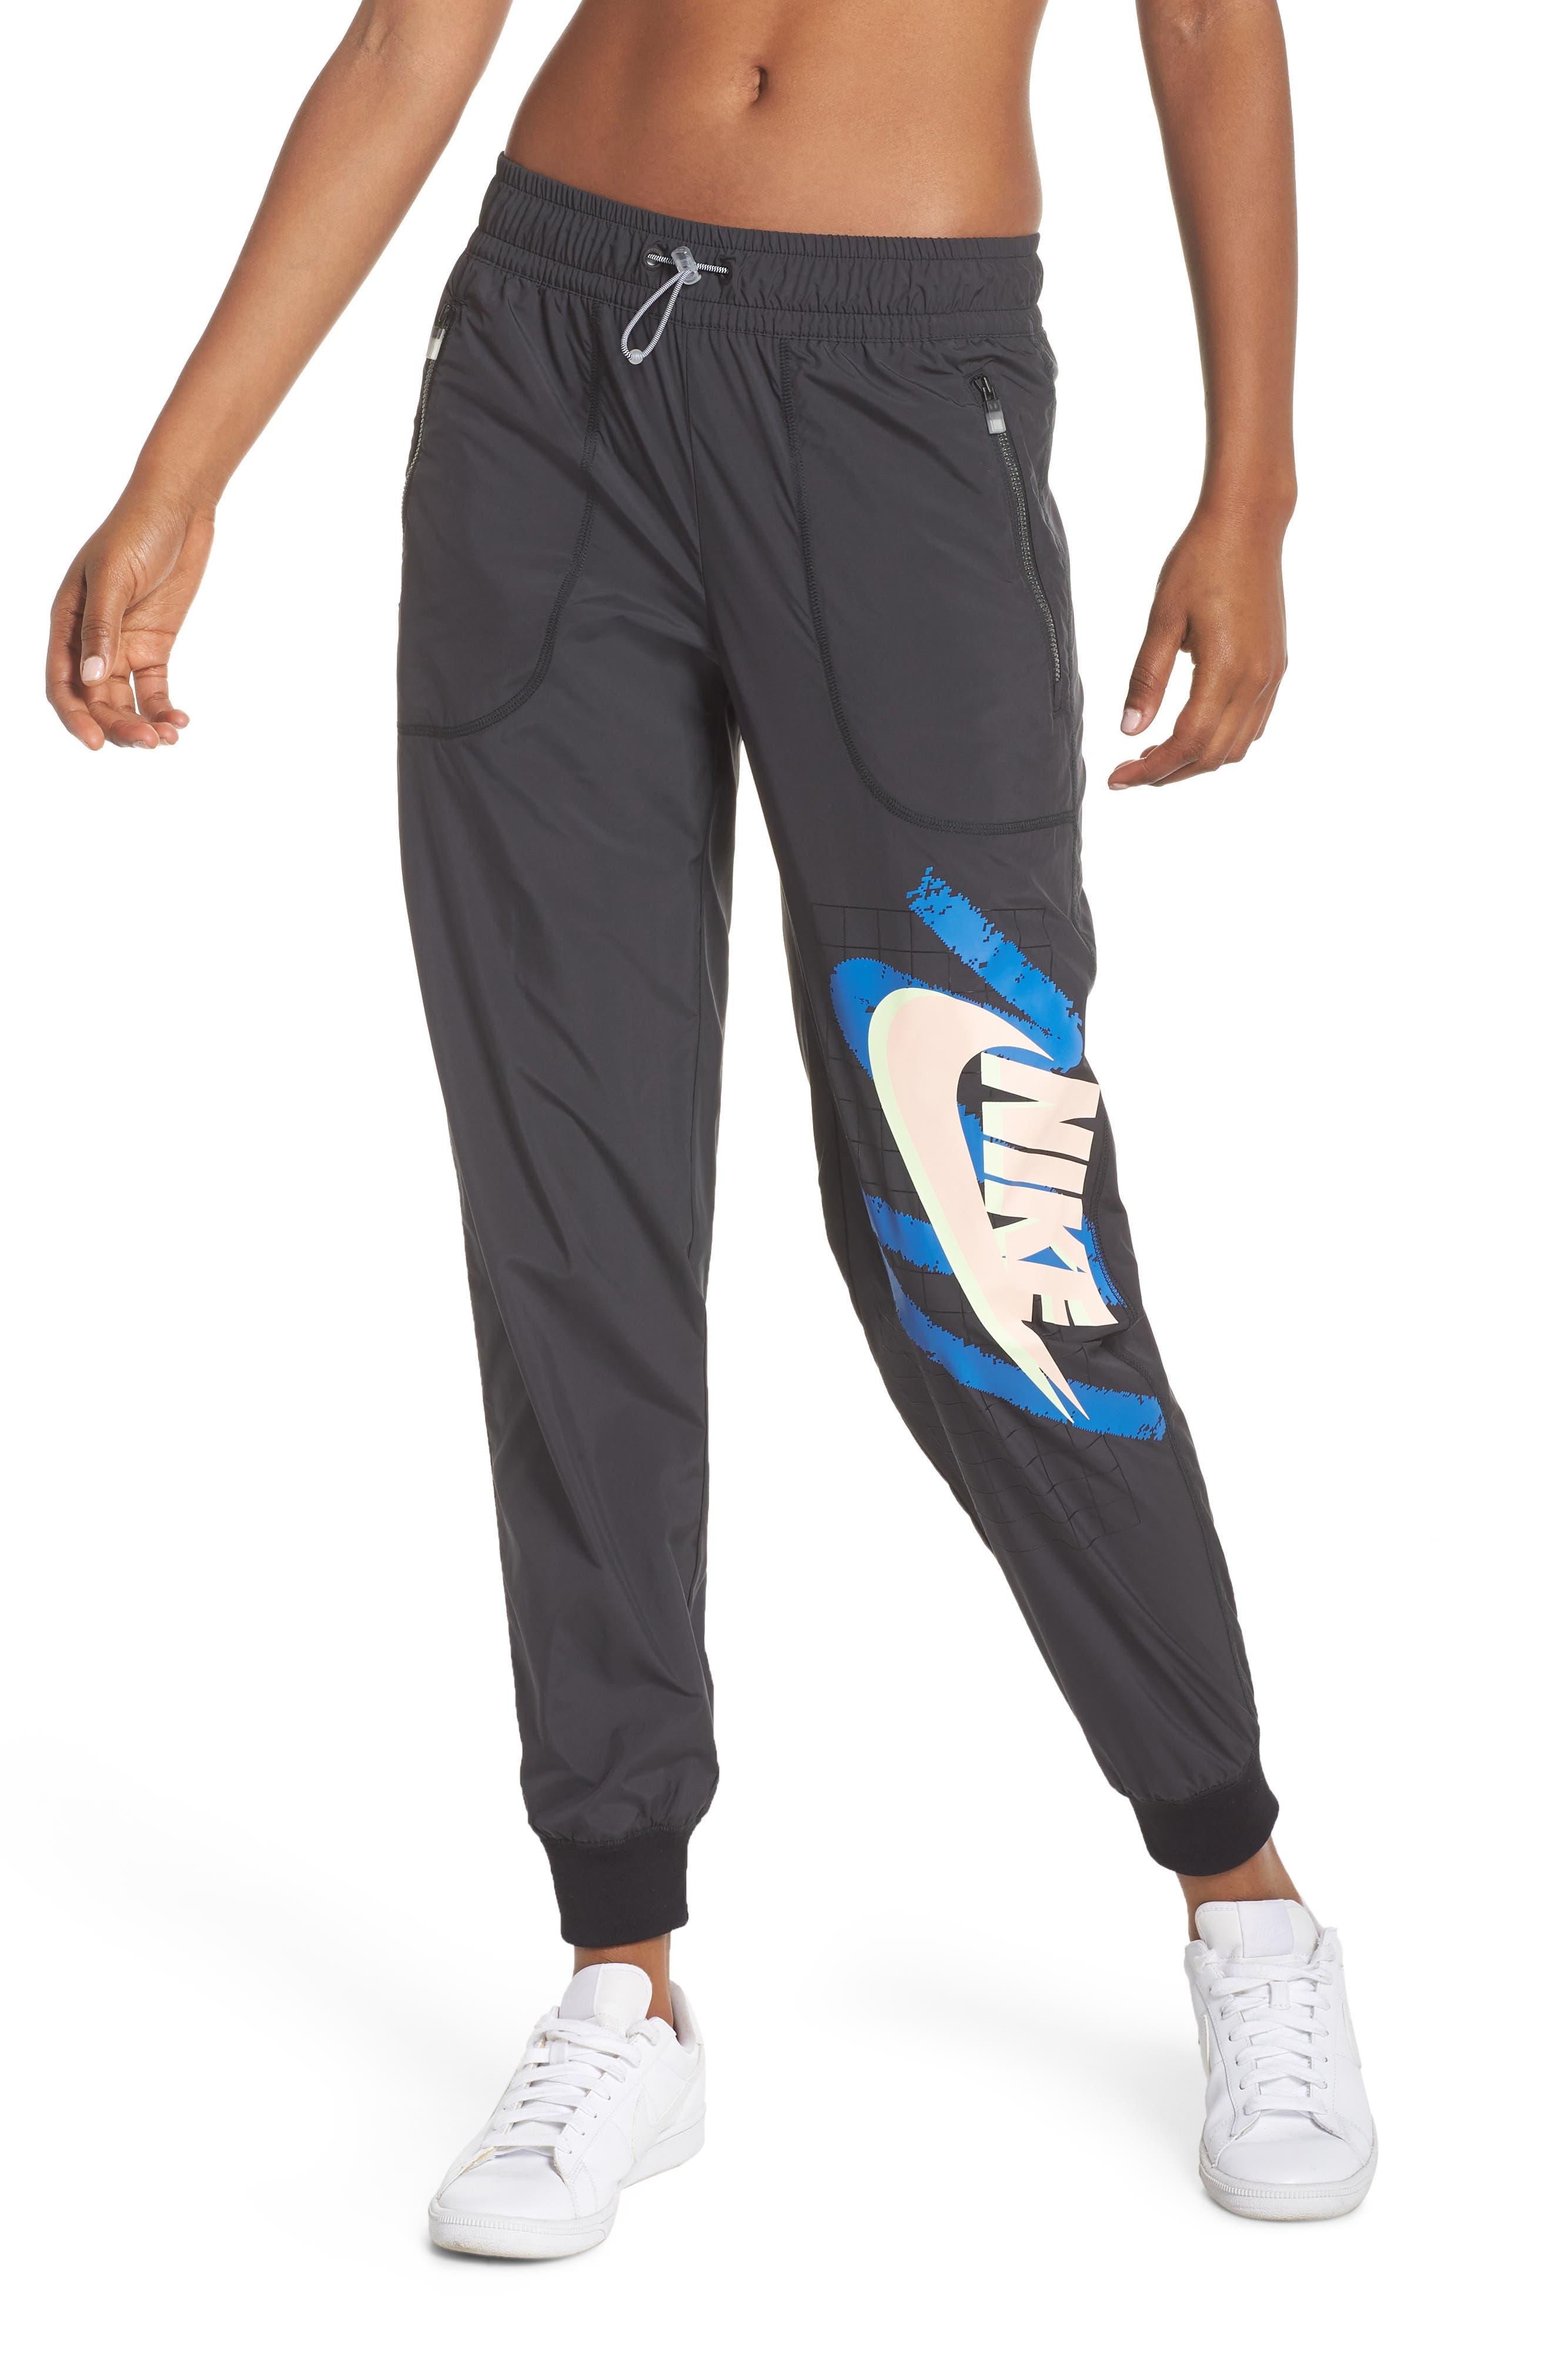 Sportswear Archive Women's Woven Pants,                         Main,                         color, 010